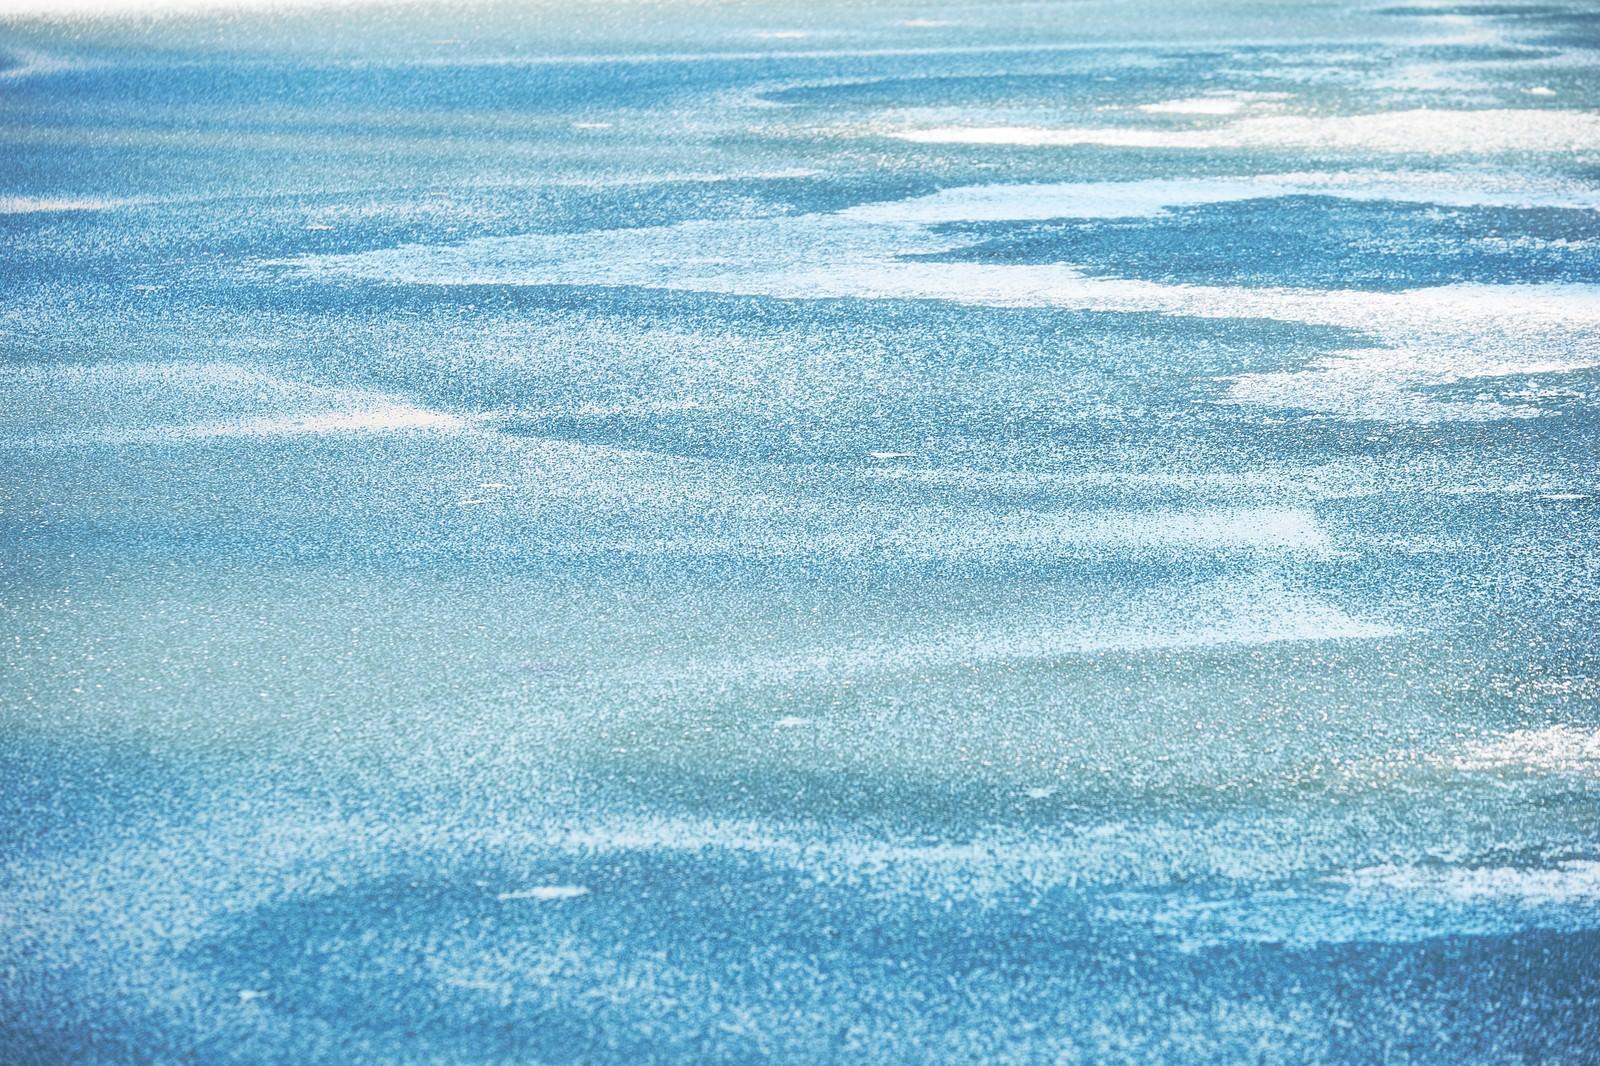 「凍った水面」の写真